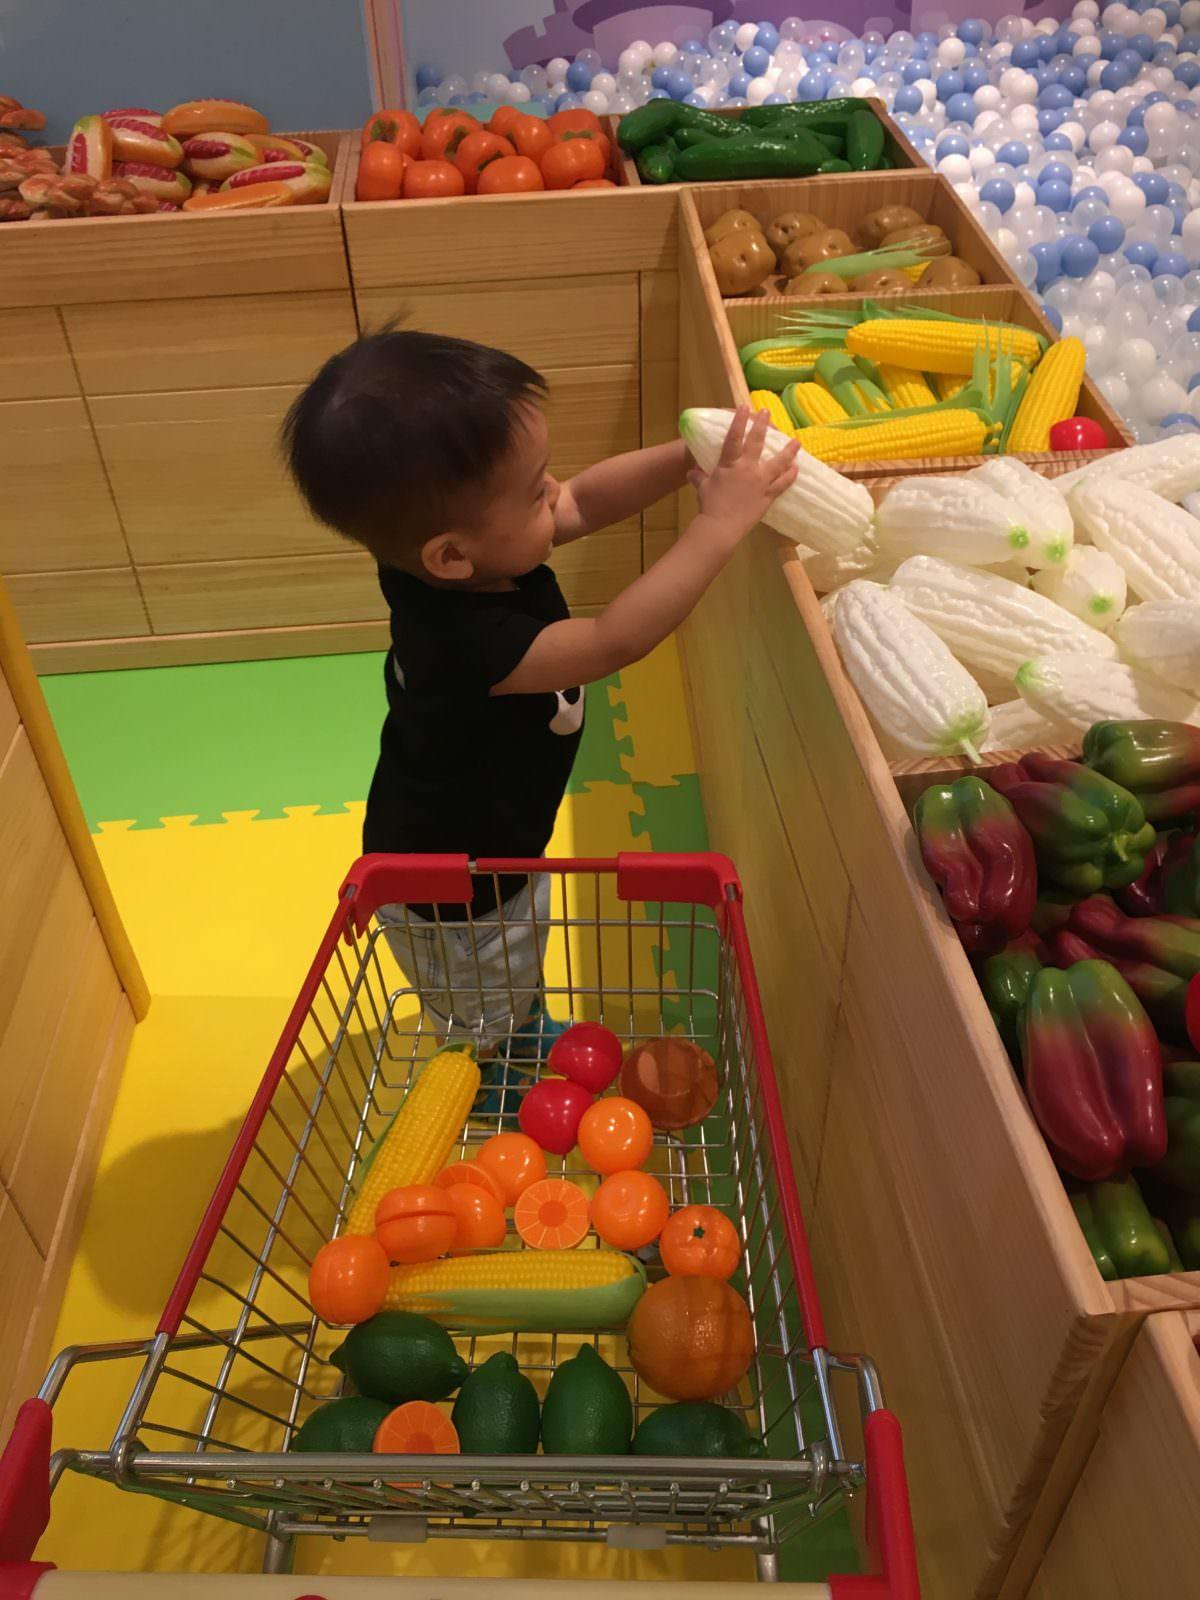 遊戲愛樂園-超市區